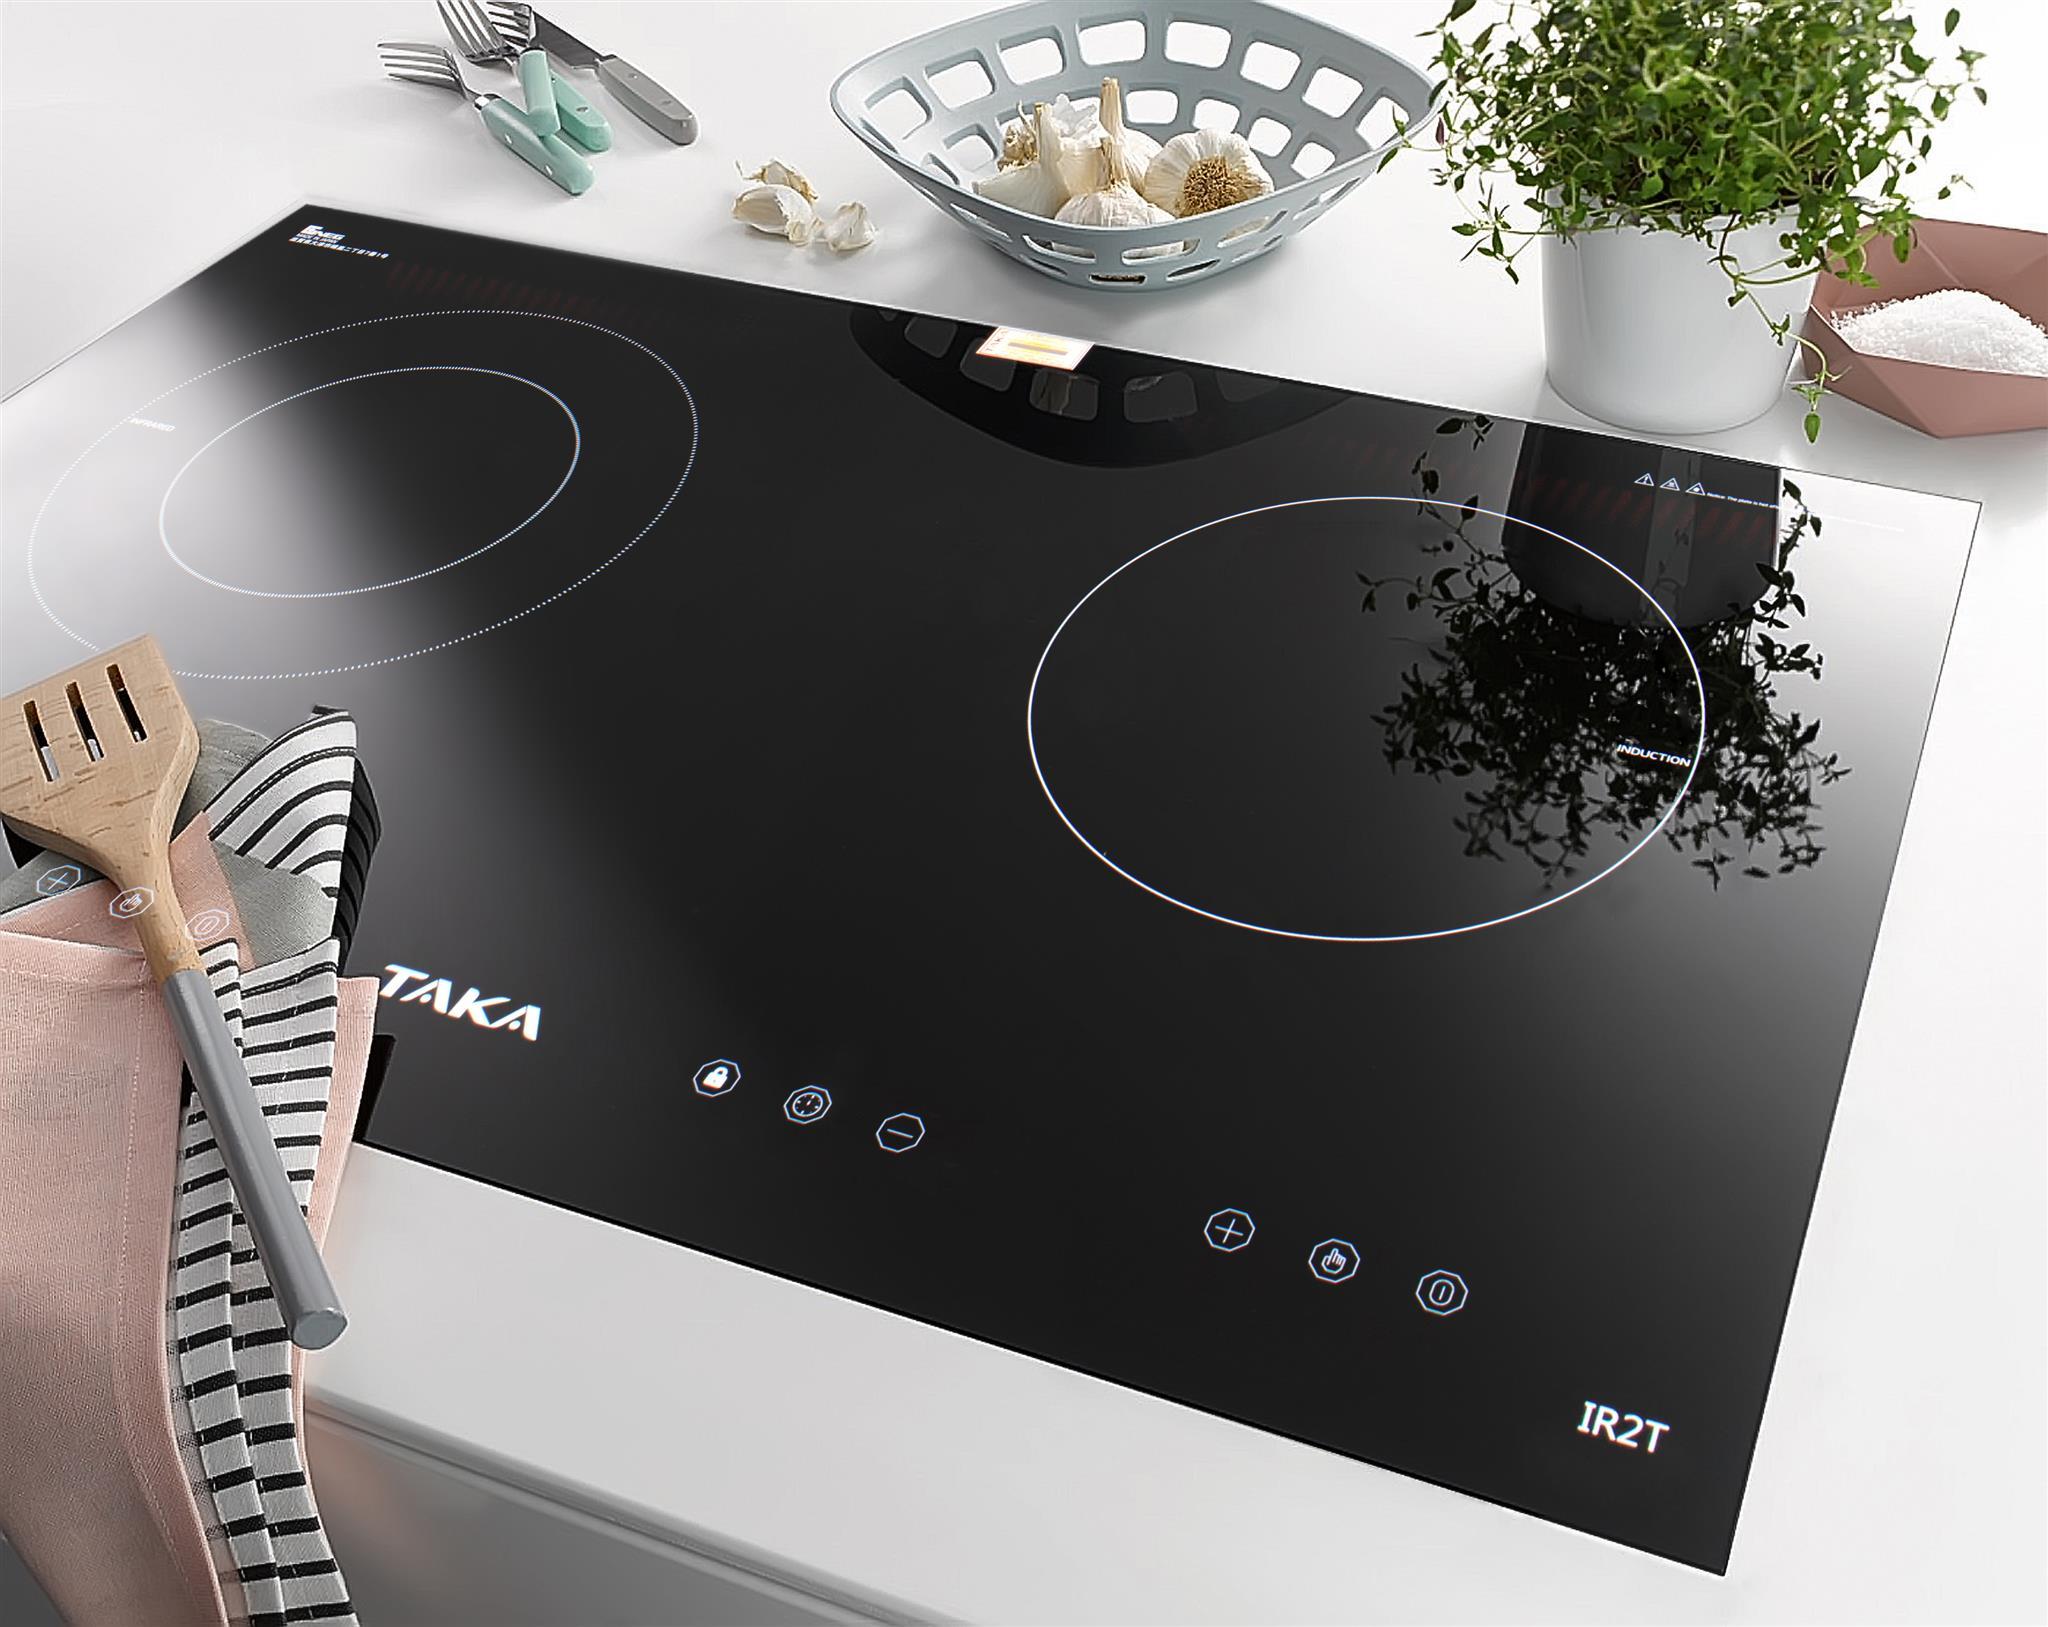 hình ảnh bếp điện từ đôi Taka ir2t